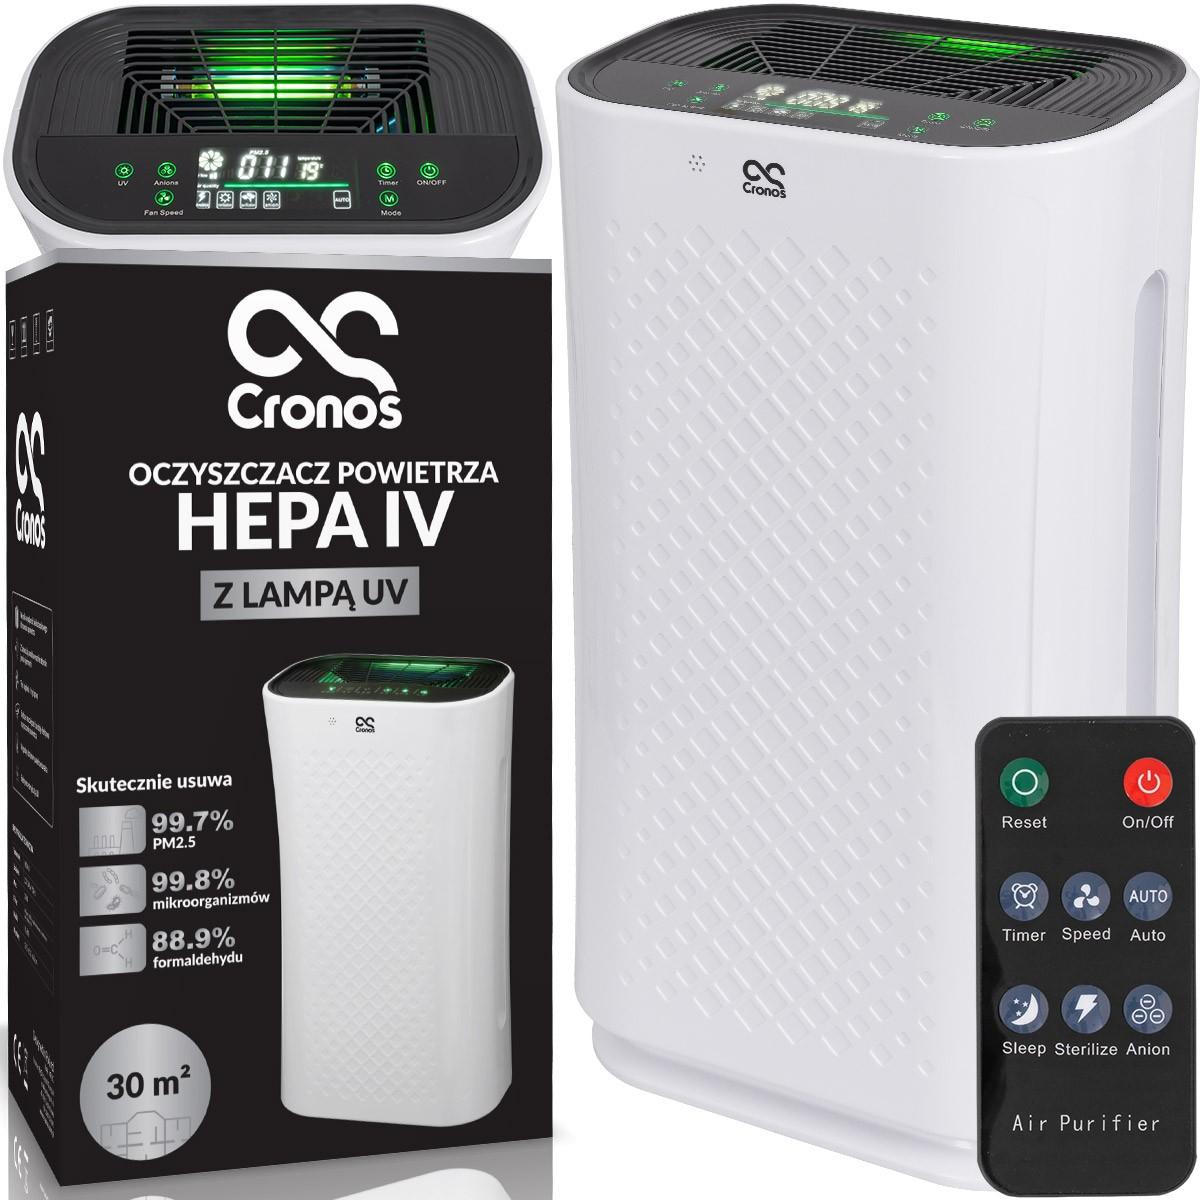 Oczyszczacz powietrza Cronos Hepa IV, pilot i zbliżenie na panel dotykowy